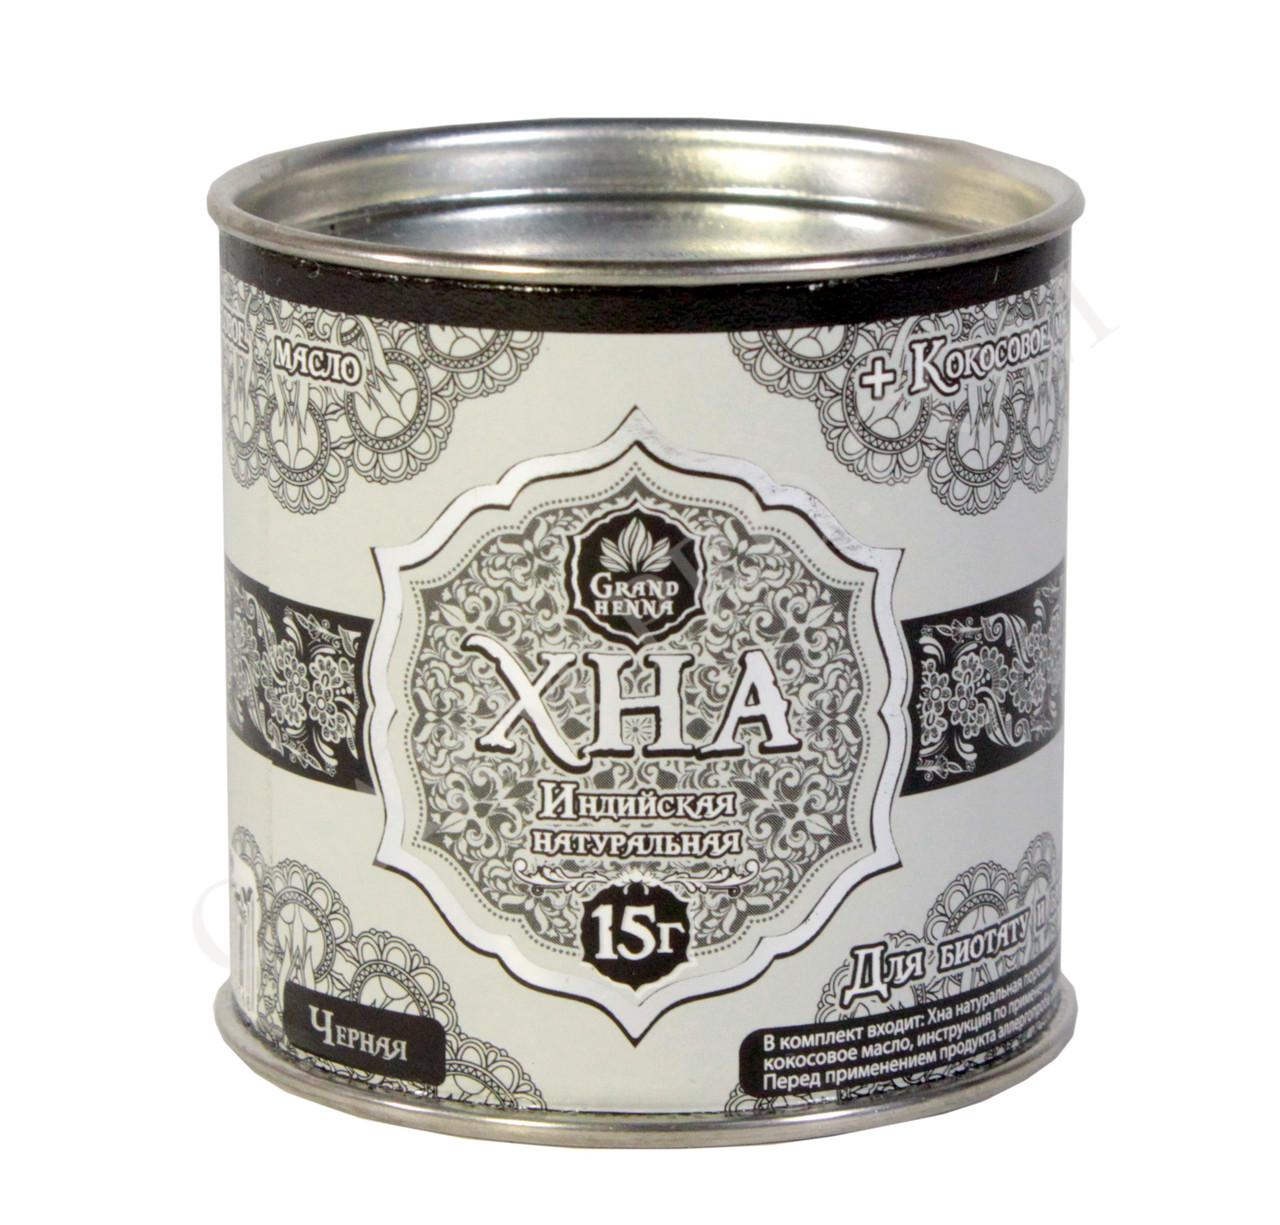 Черная хна для биотату и бровей Grand Henna 15 гр.